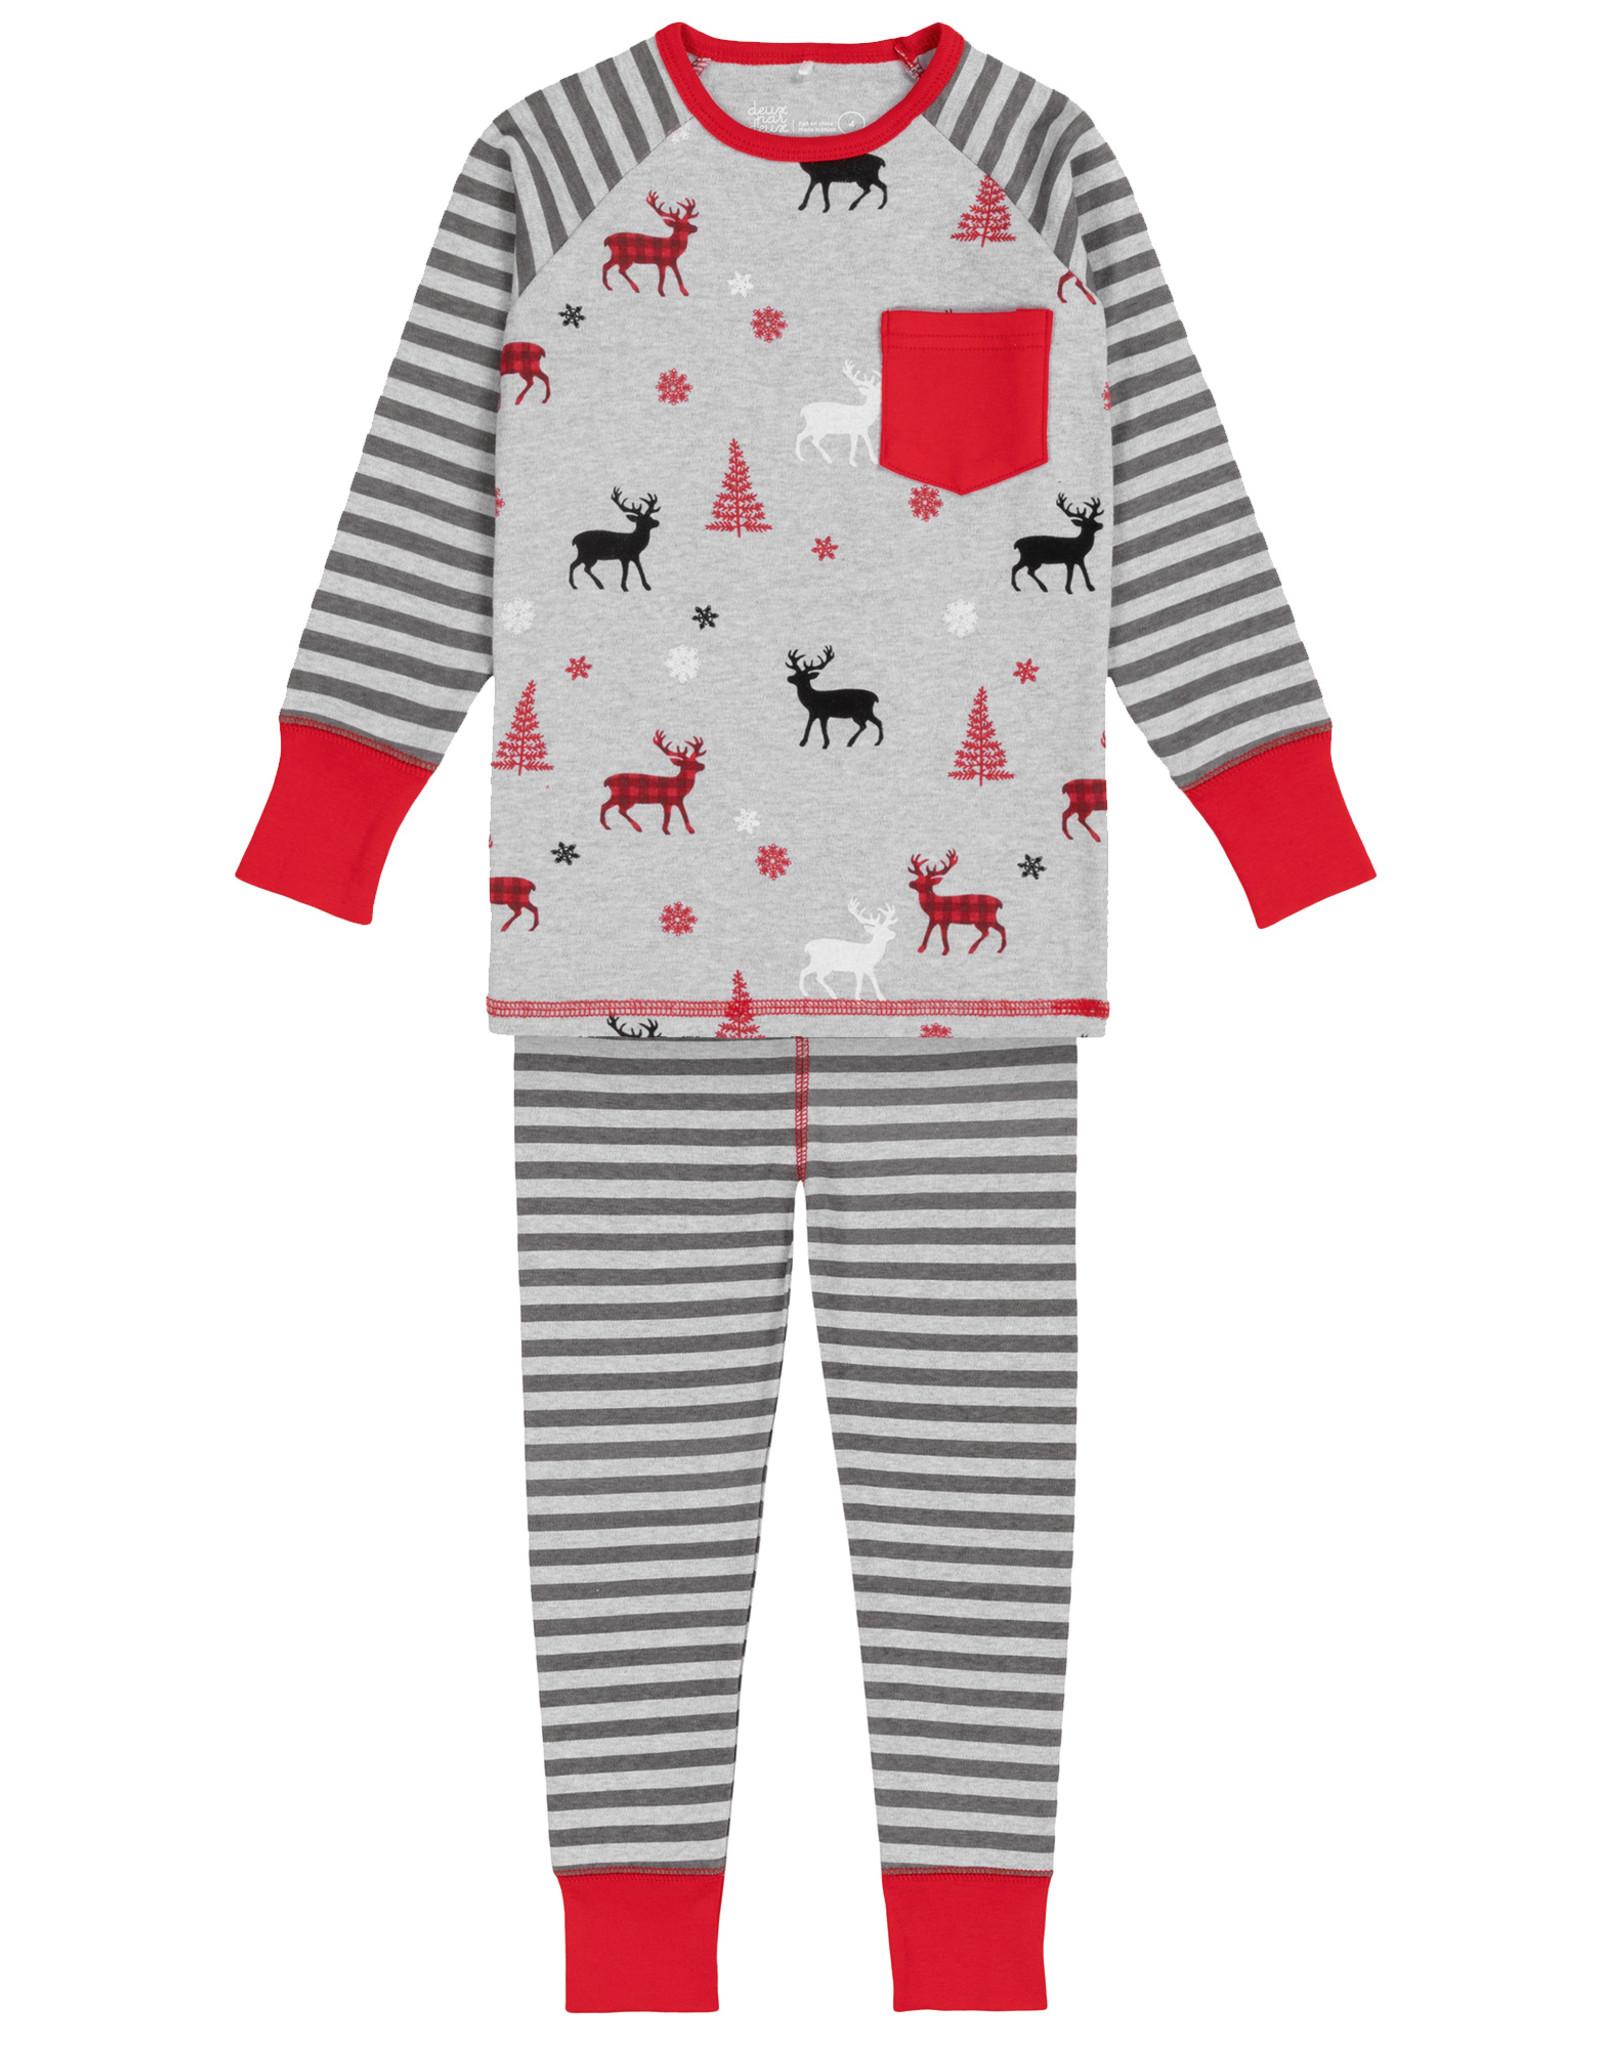 DeuxParDeux FA20 Christmas Deer PJ Set